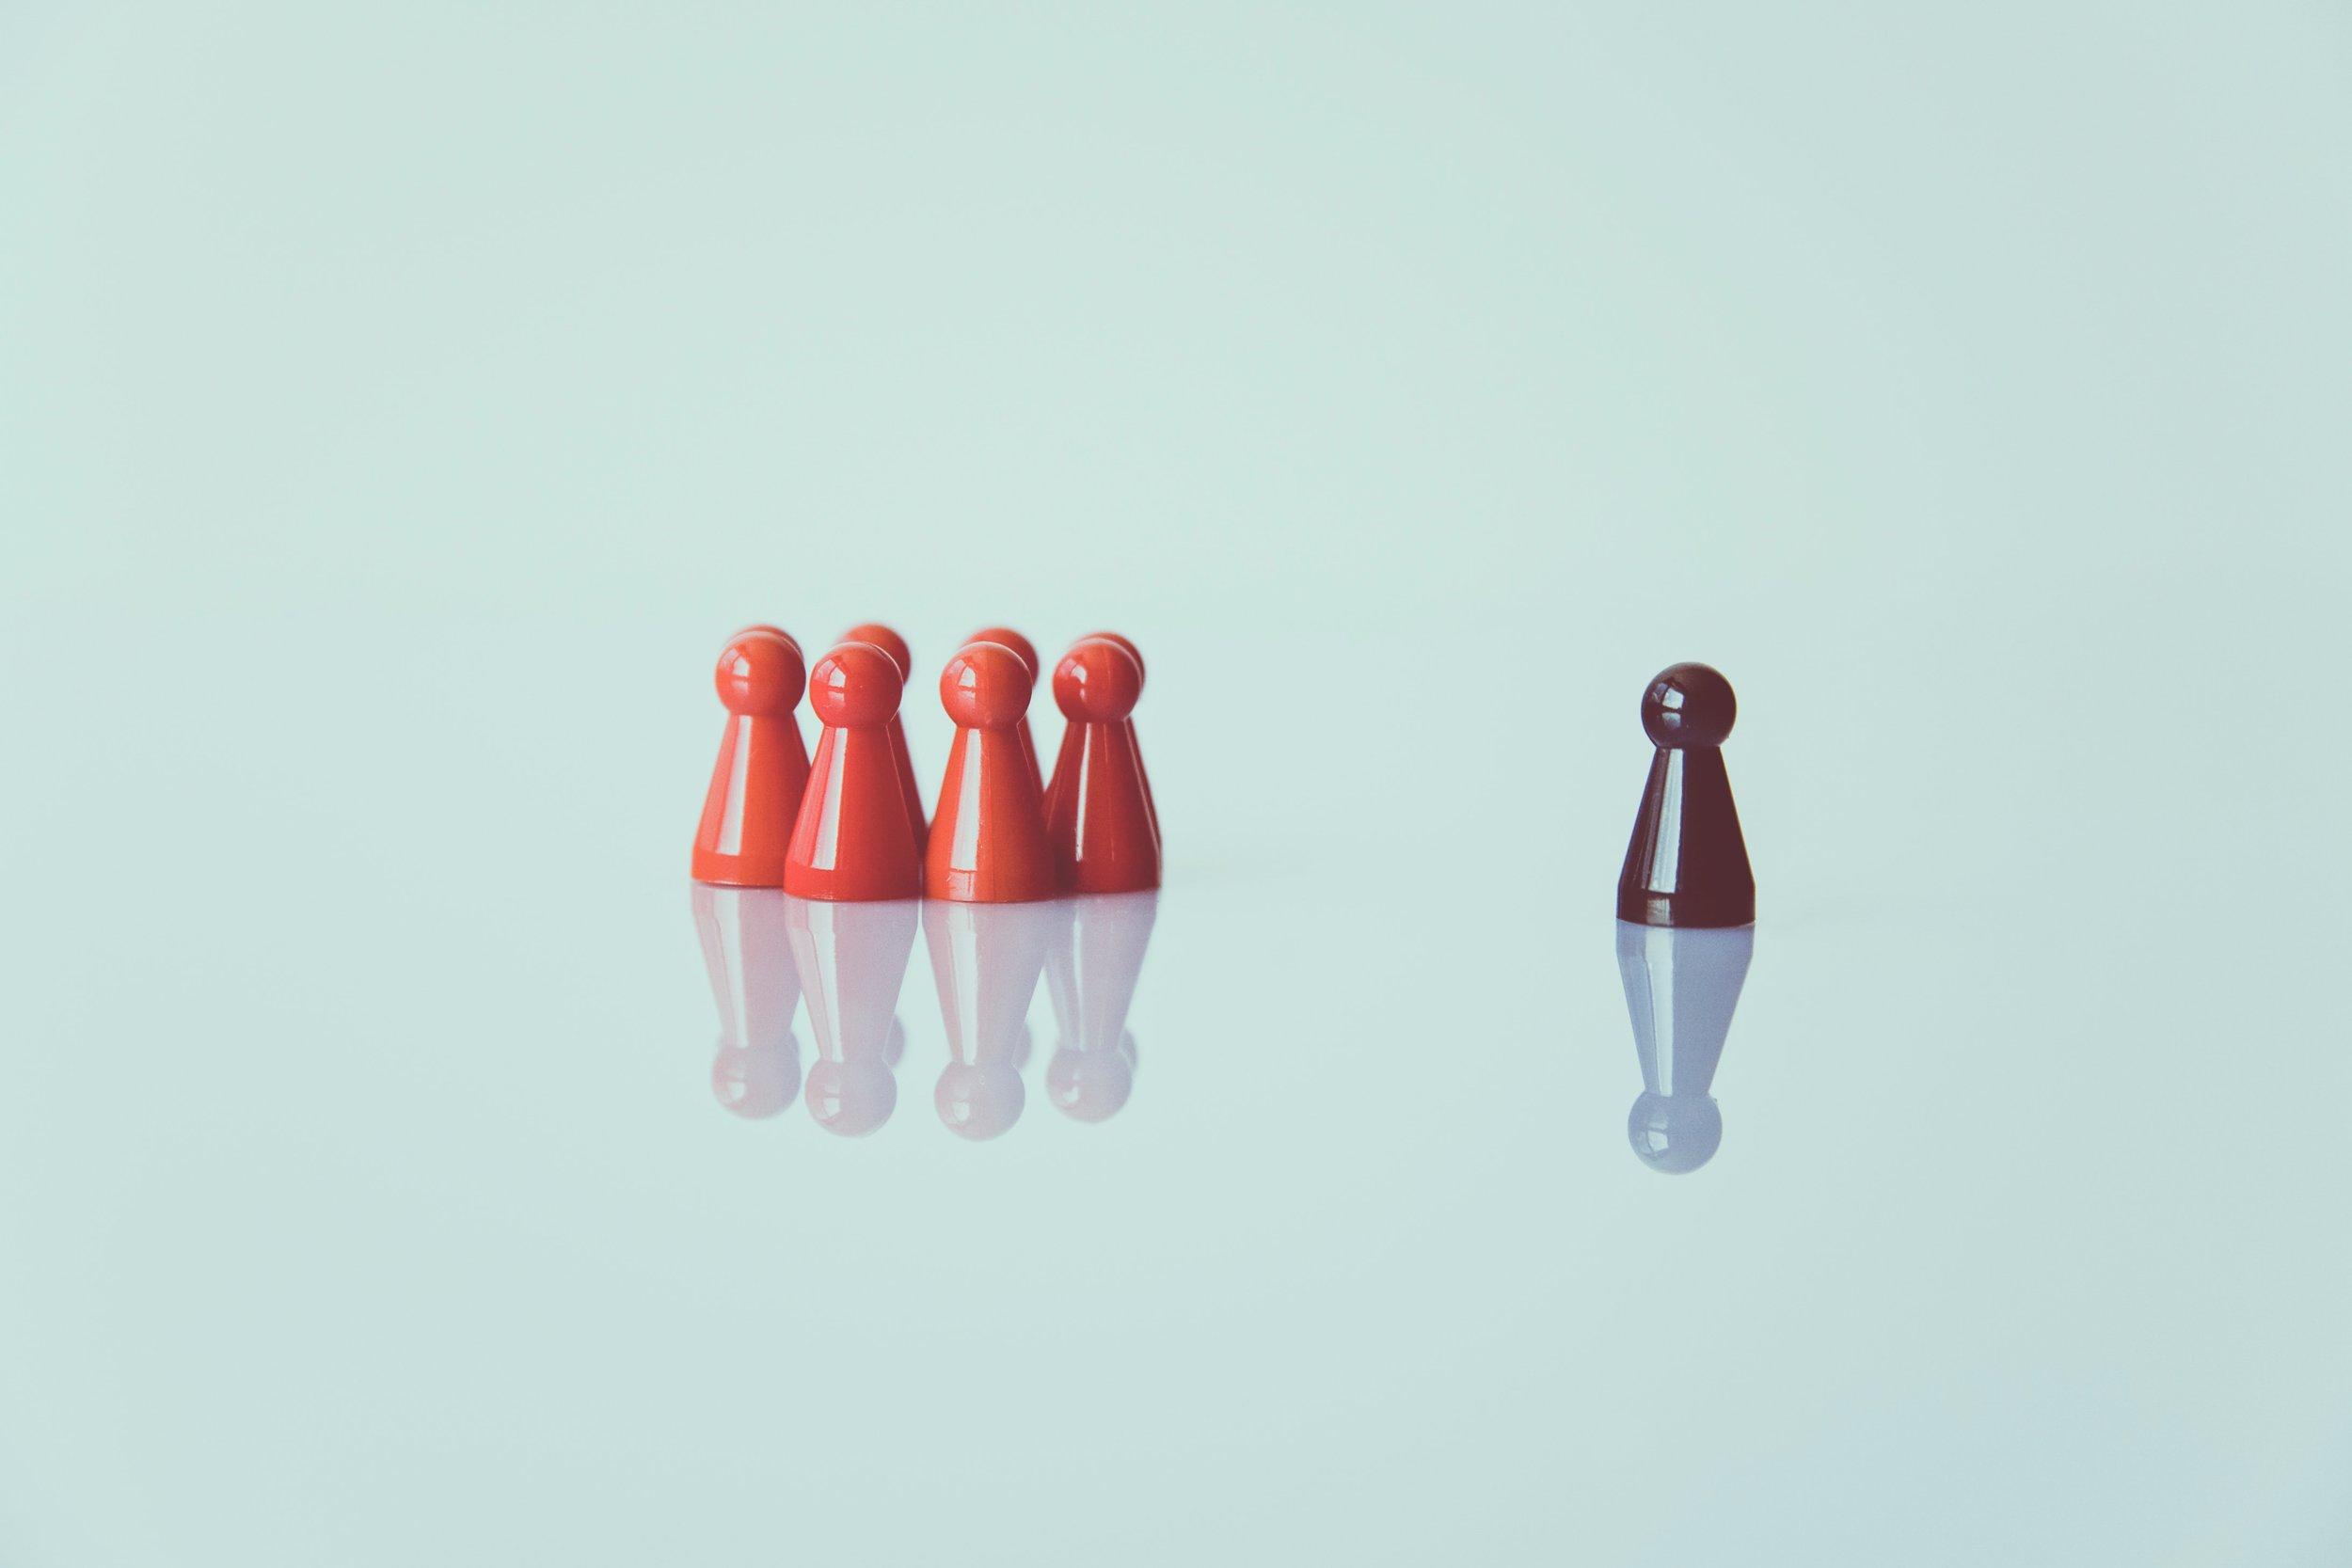 chess-pieces-color-conceptual-1679618.jpg